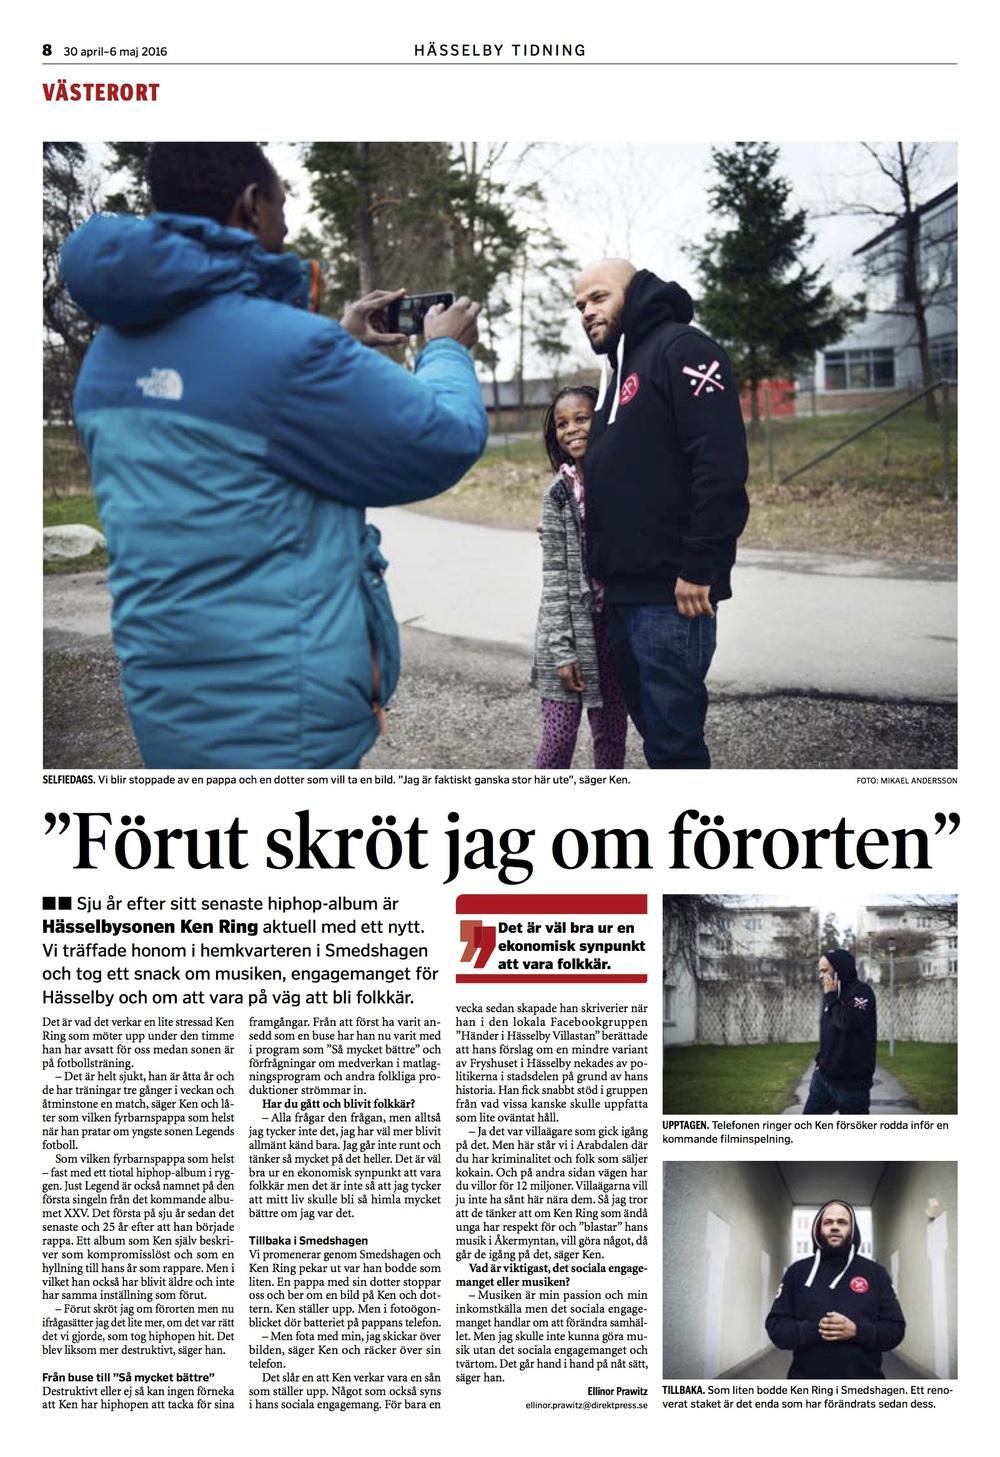 Hässelby tidning - Ken Ring.jpg